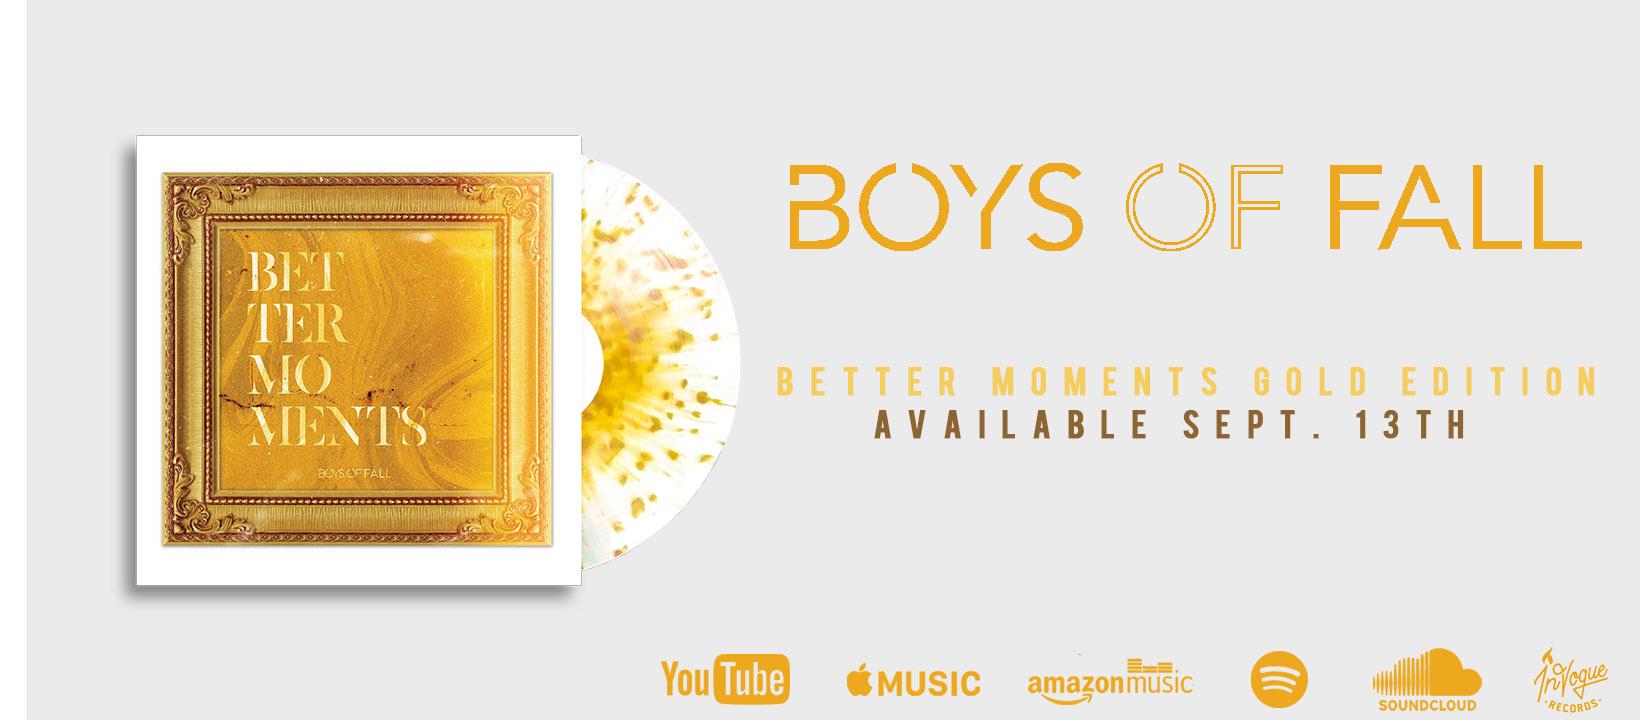 BOF better moments deluxe facebook banner 2.jpg